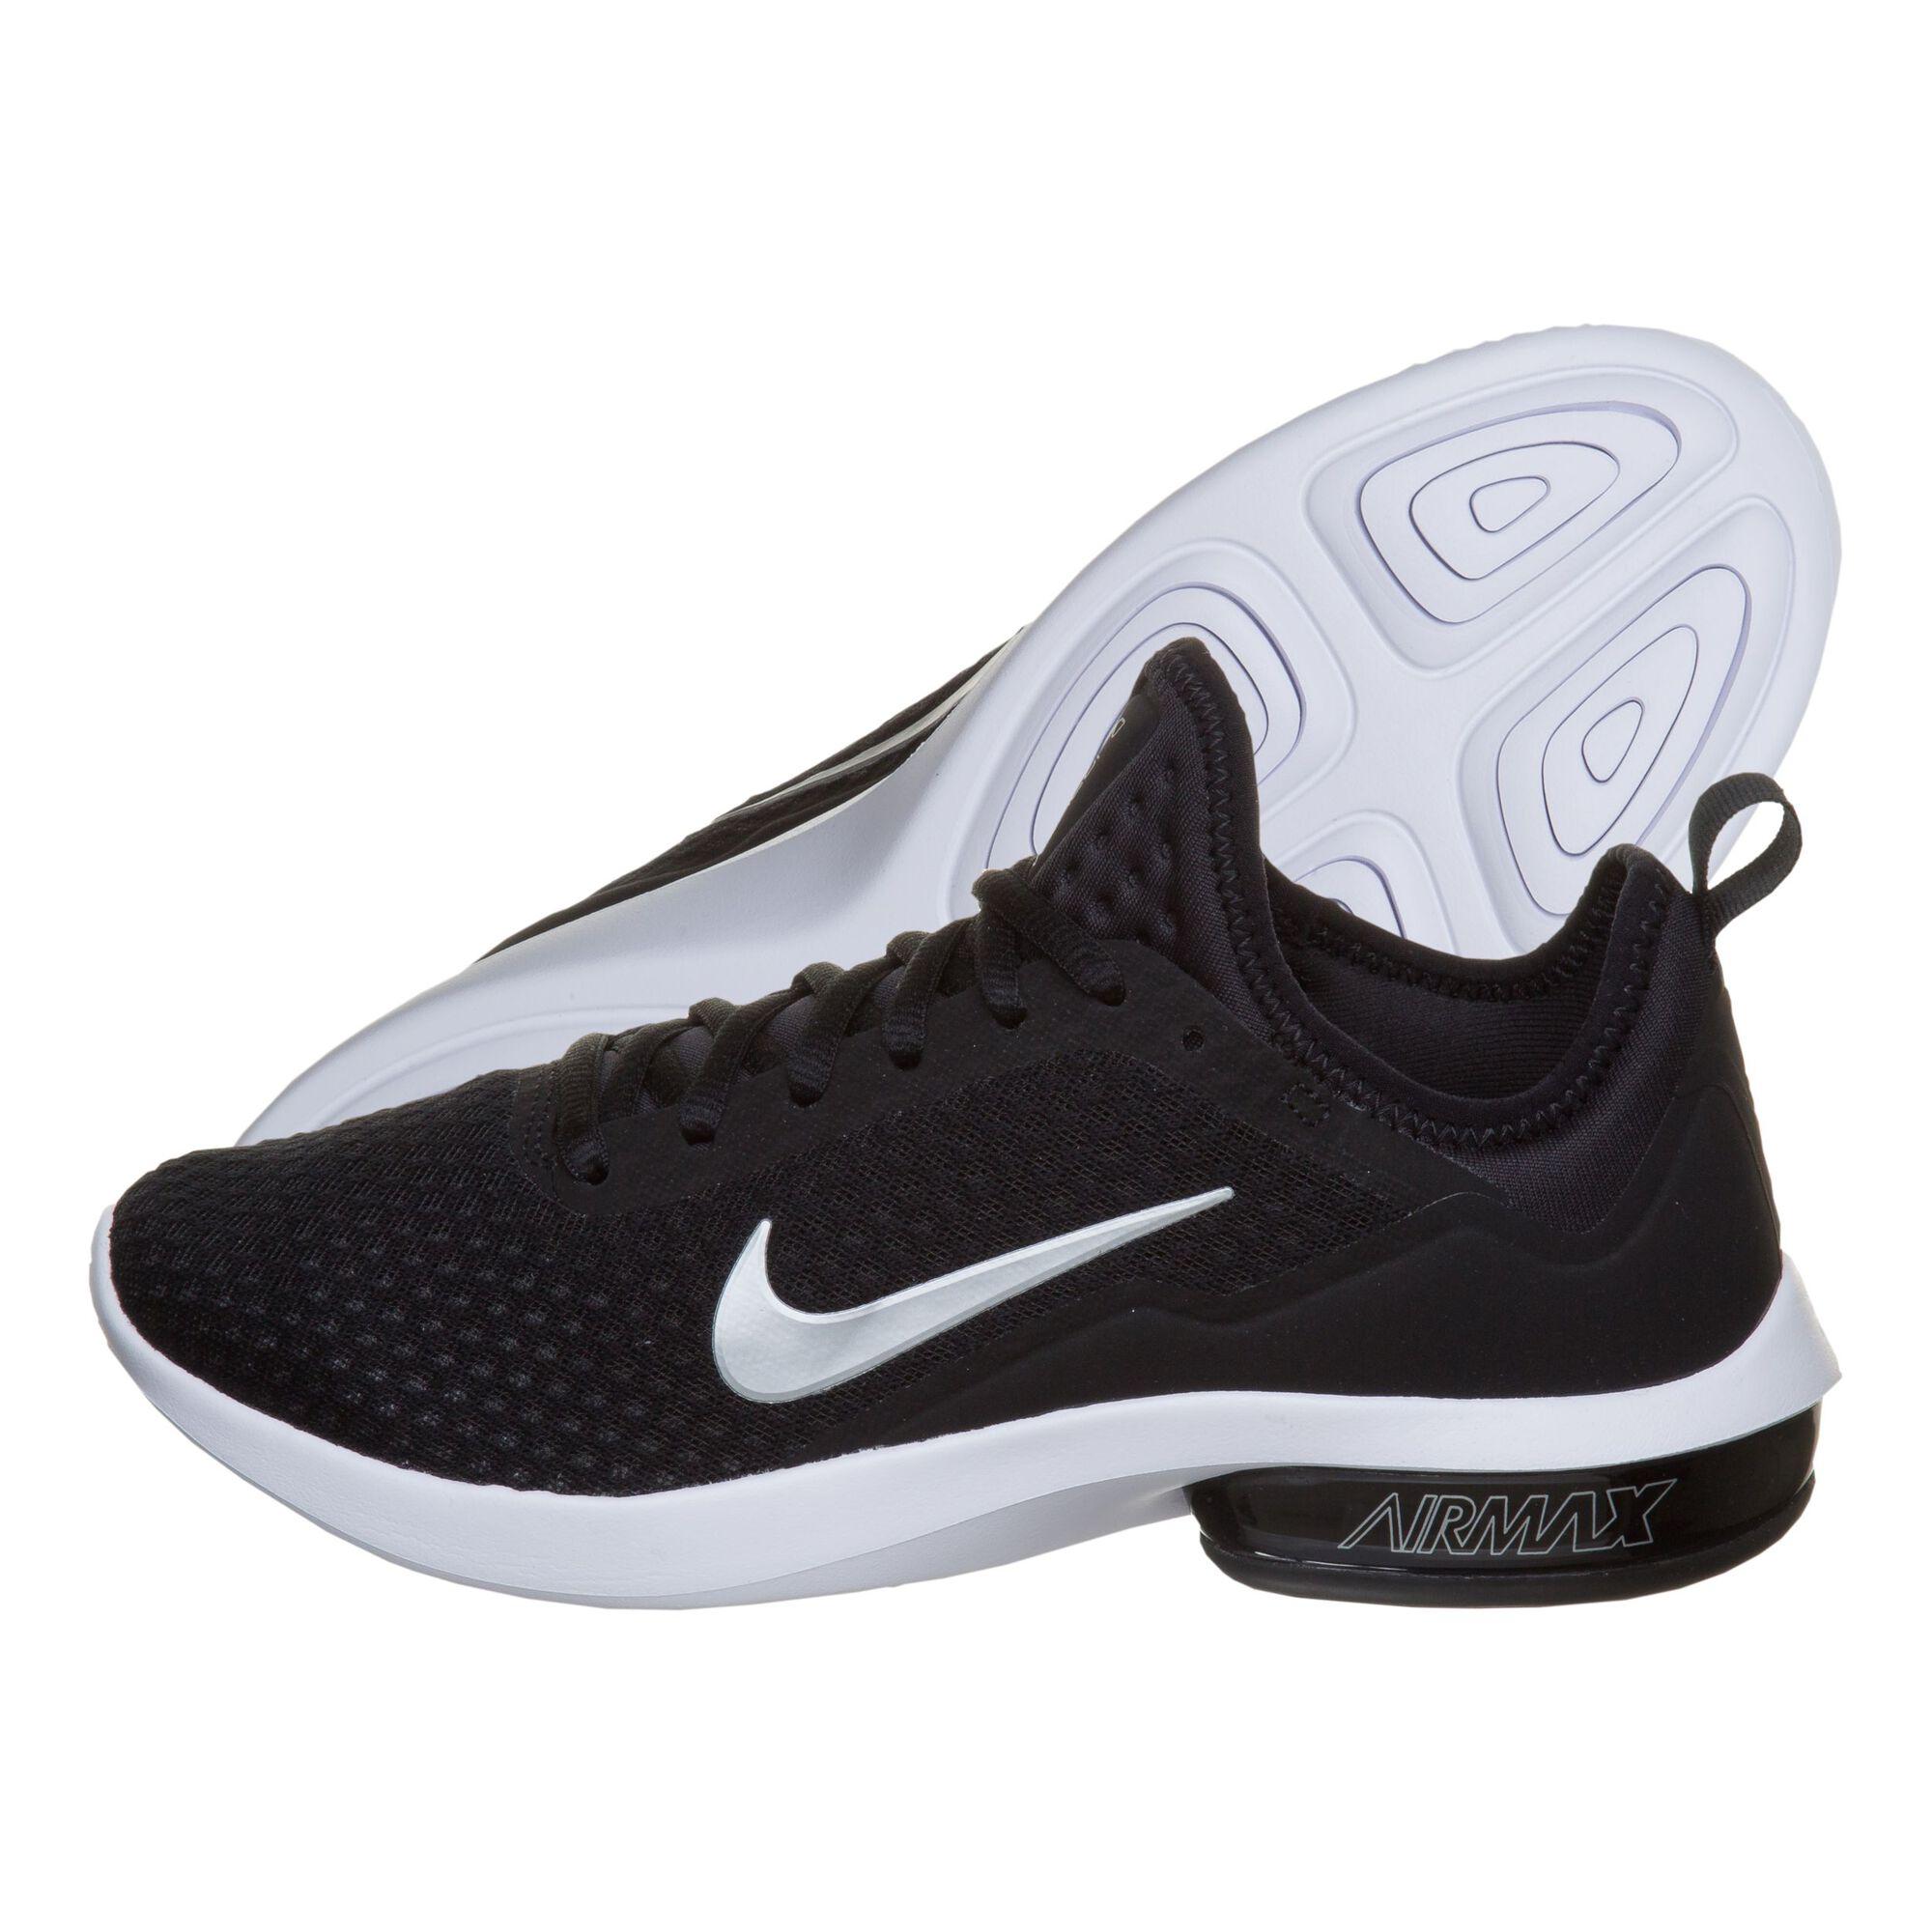 959f496e82595 buy Nike Air Max Kantara Neutral Running Shoe Women - Black, Silver ...